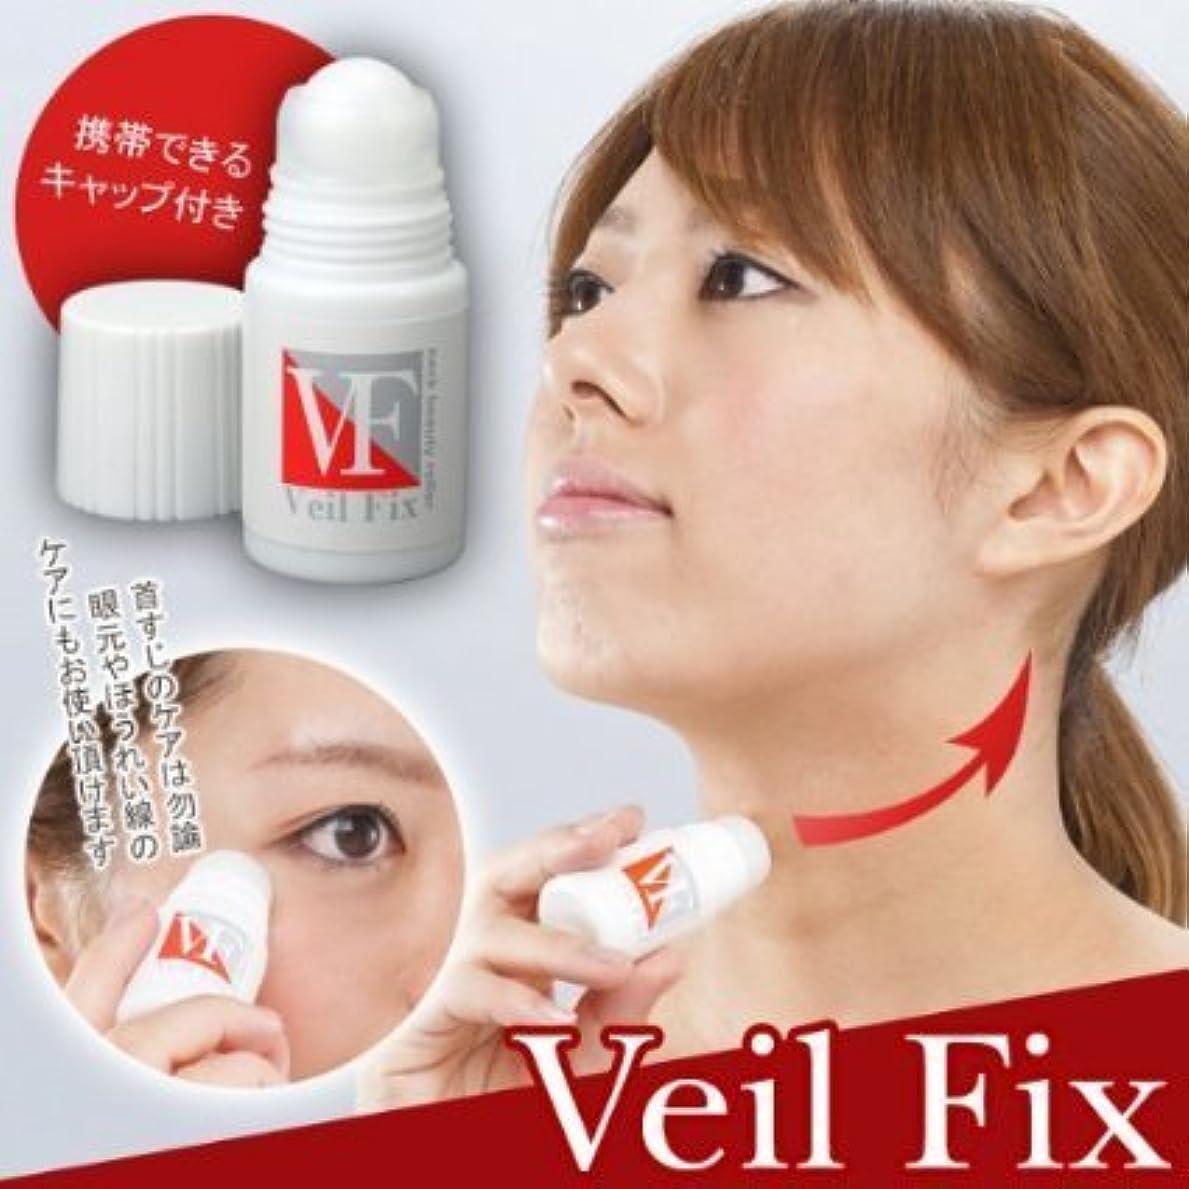 回復するマウントランクVeil Fix neck beauty roller(ヴェイル フィックス ネックビューティーローラー)VFエッセンス 20ml